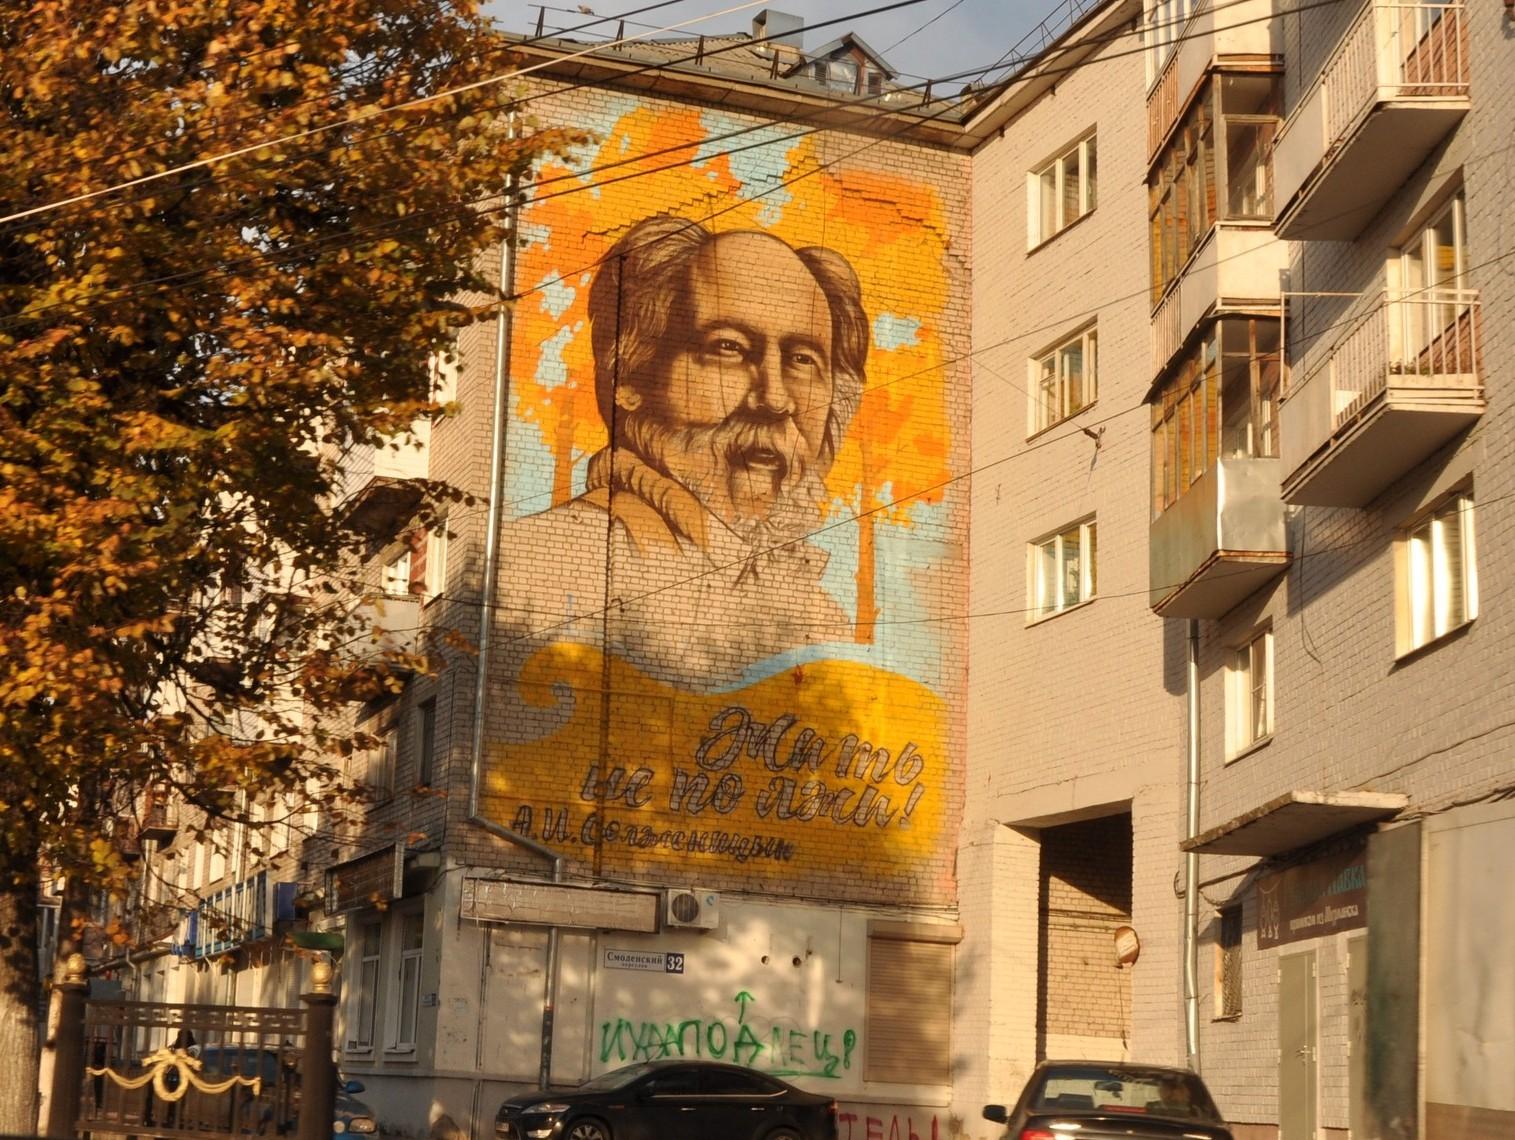 20200706_21-56-В Твери появится новое граффити с Солженицыным-pic1